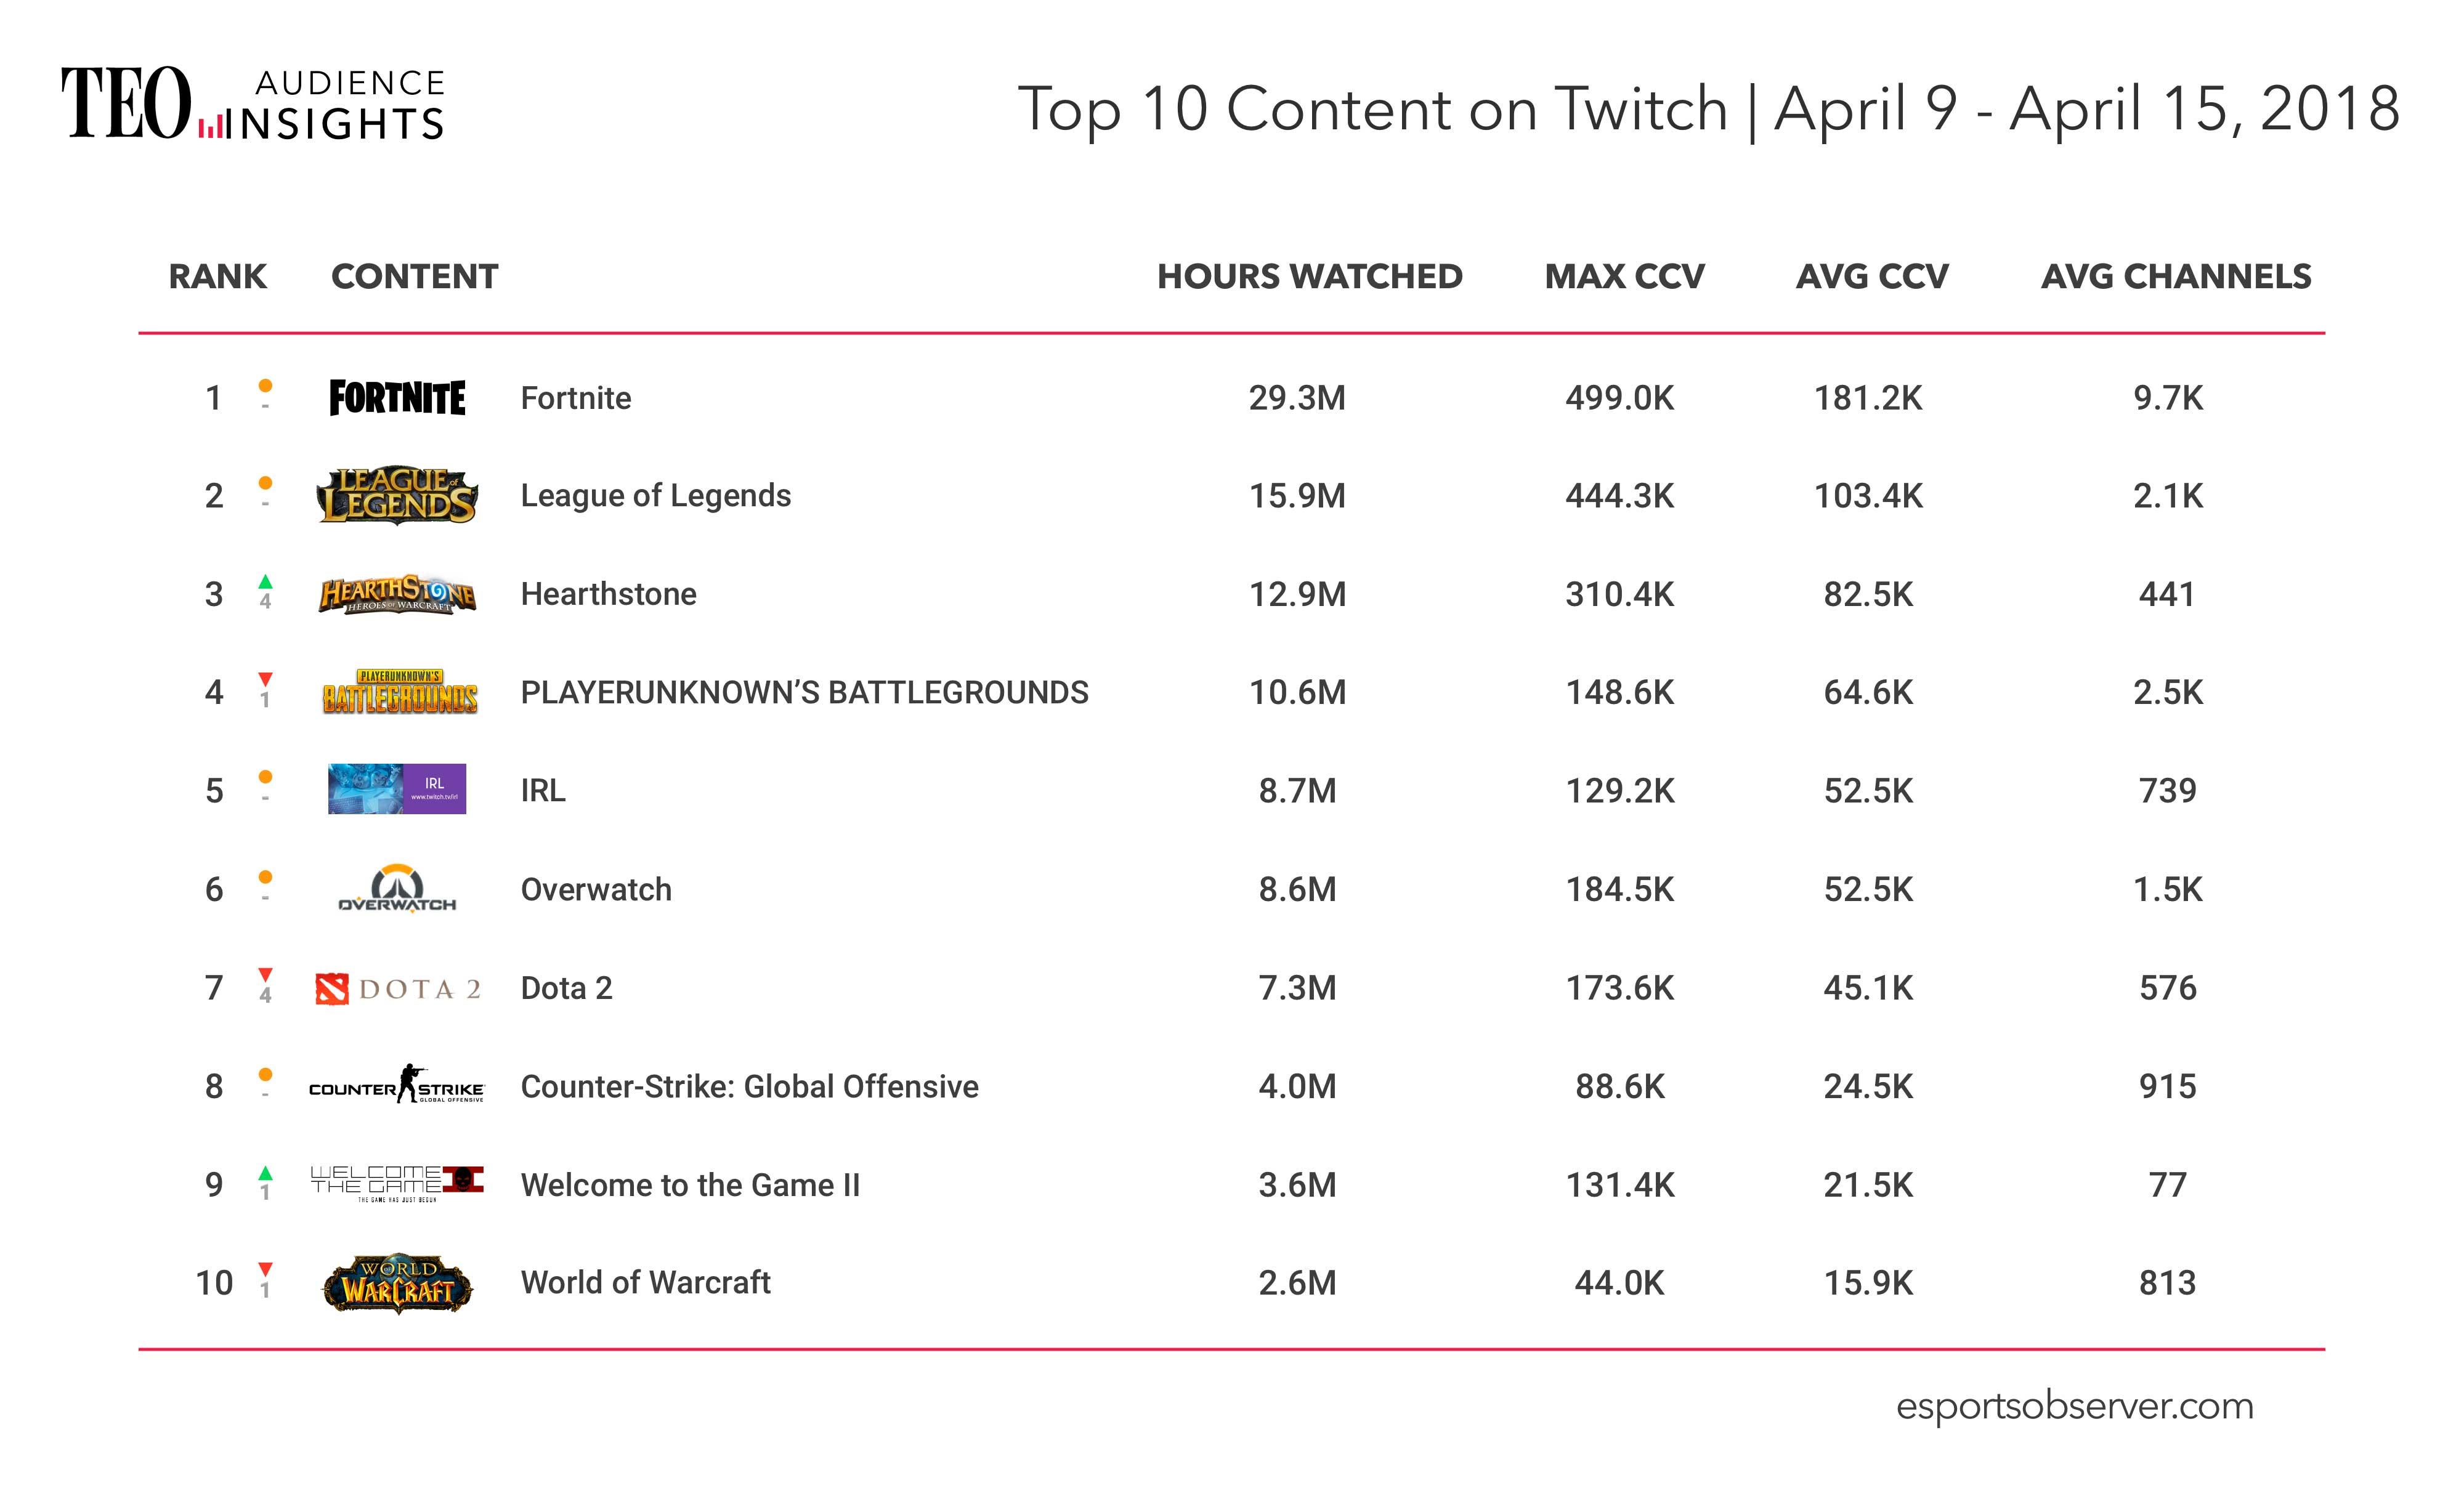 Juegos más vistos en Twitch